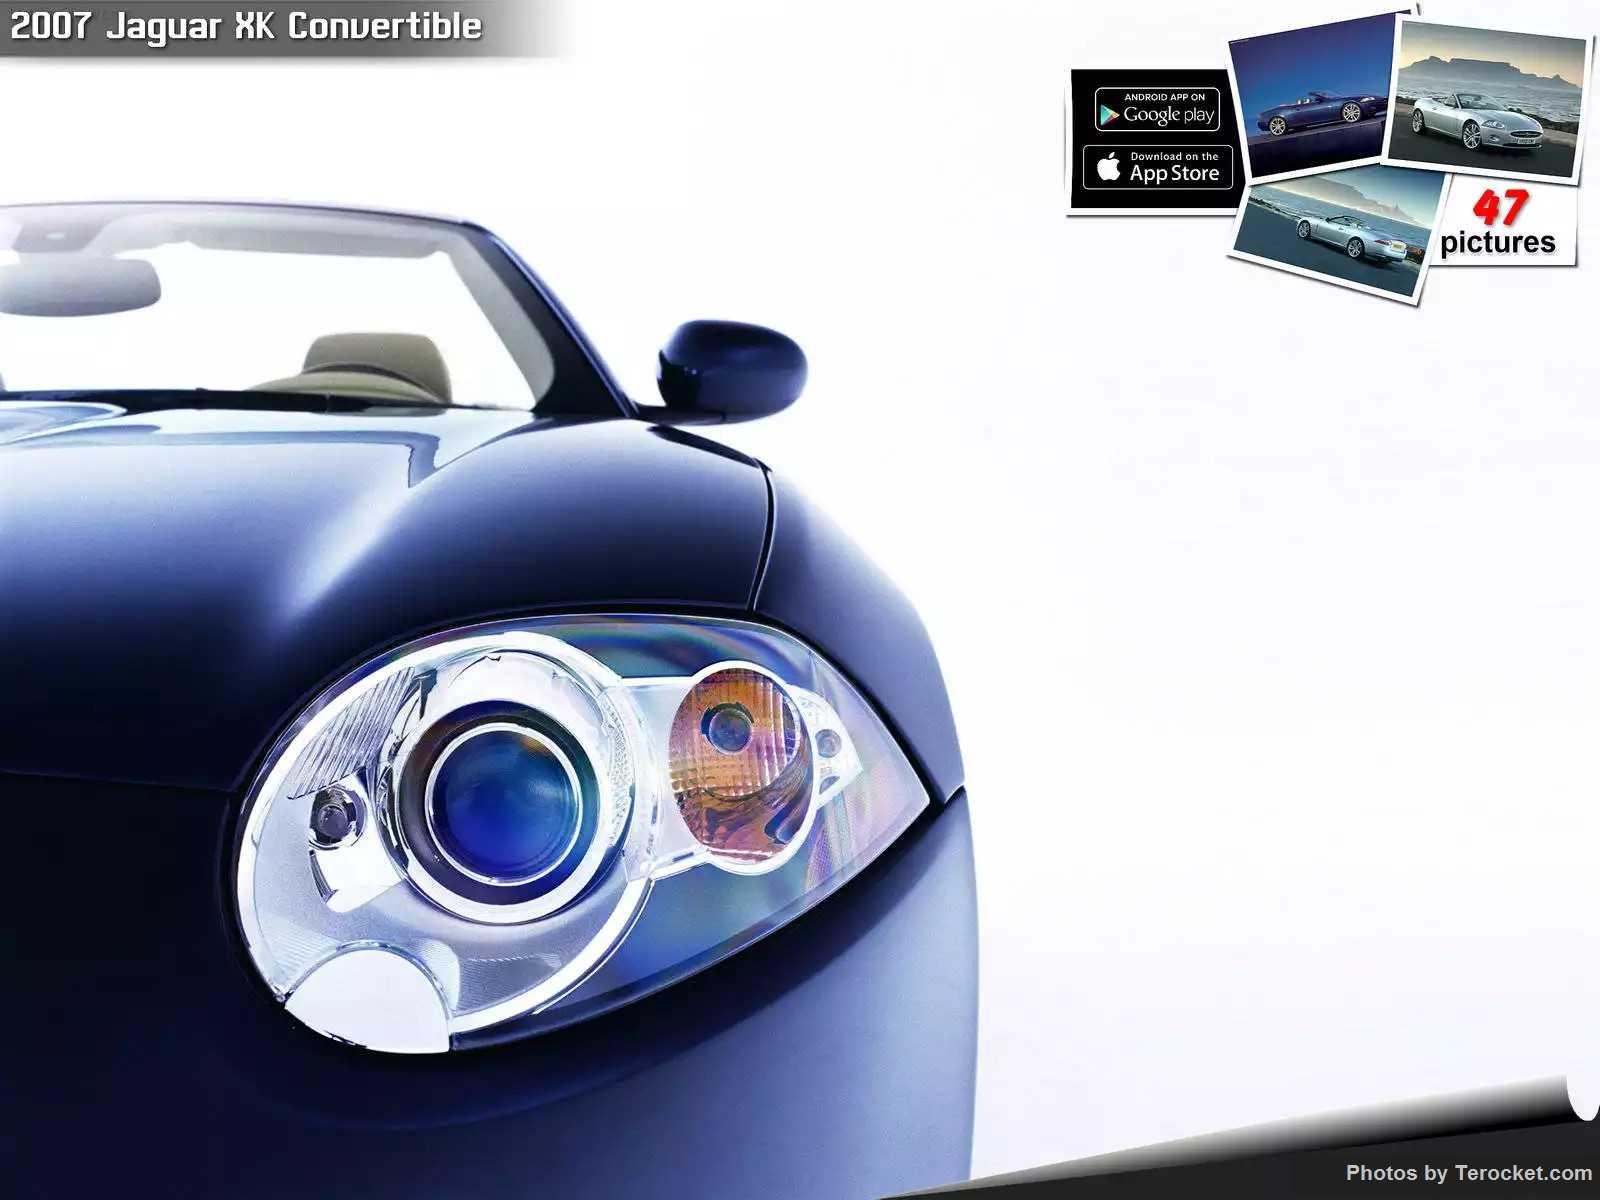 Hình ảnh xe ô tô Jaguar XK Convertible 2007 & nội ngoại thất